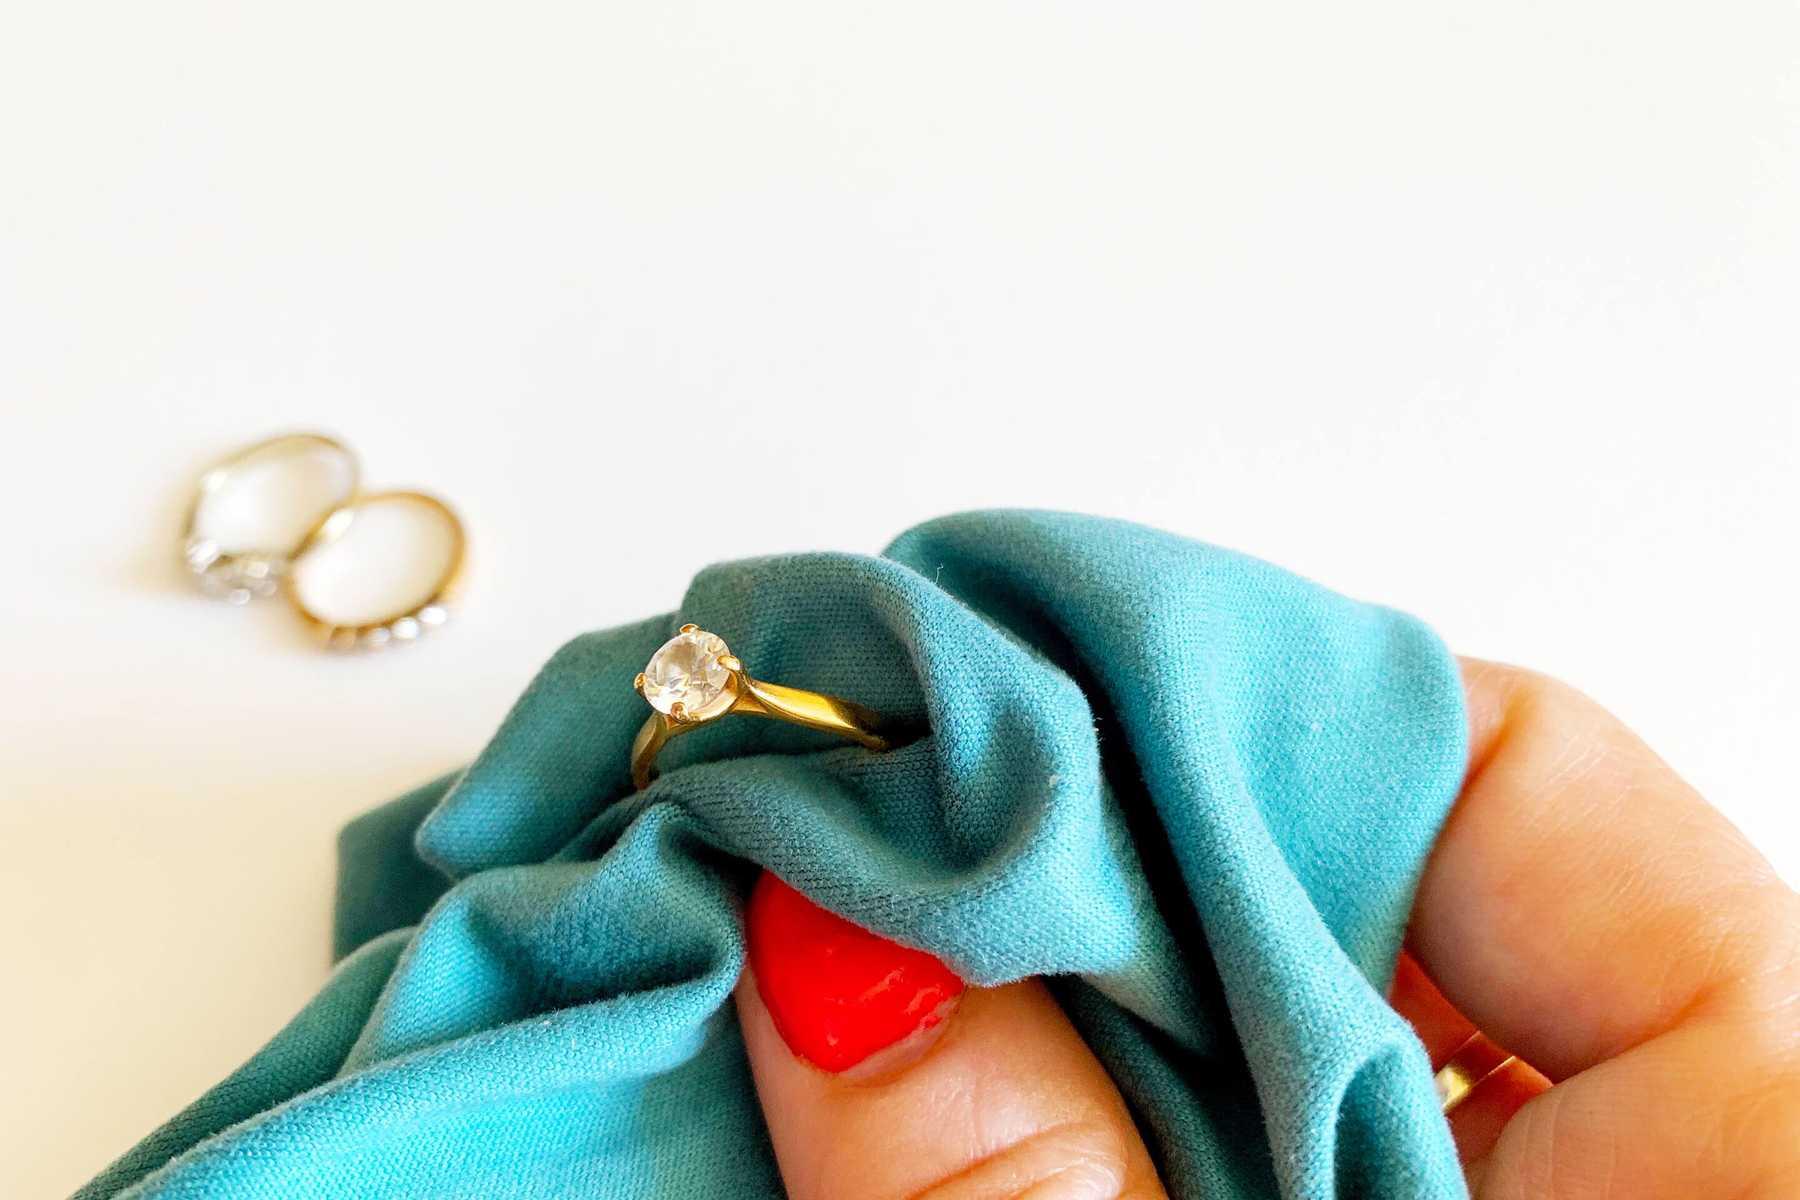 Bí quyết bảo quản nữ trang bằng vàng và bạc sáng đẹp 2